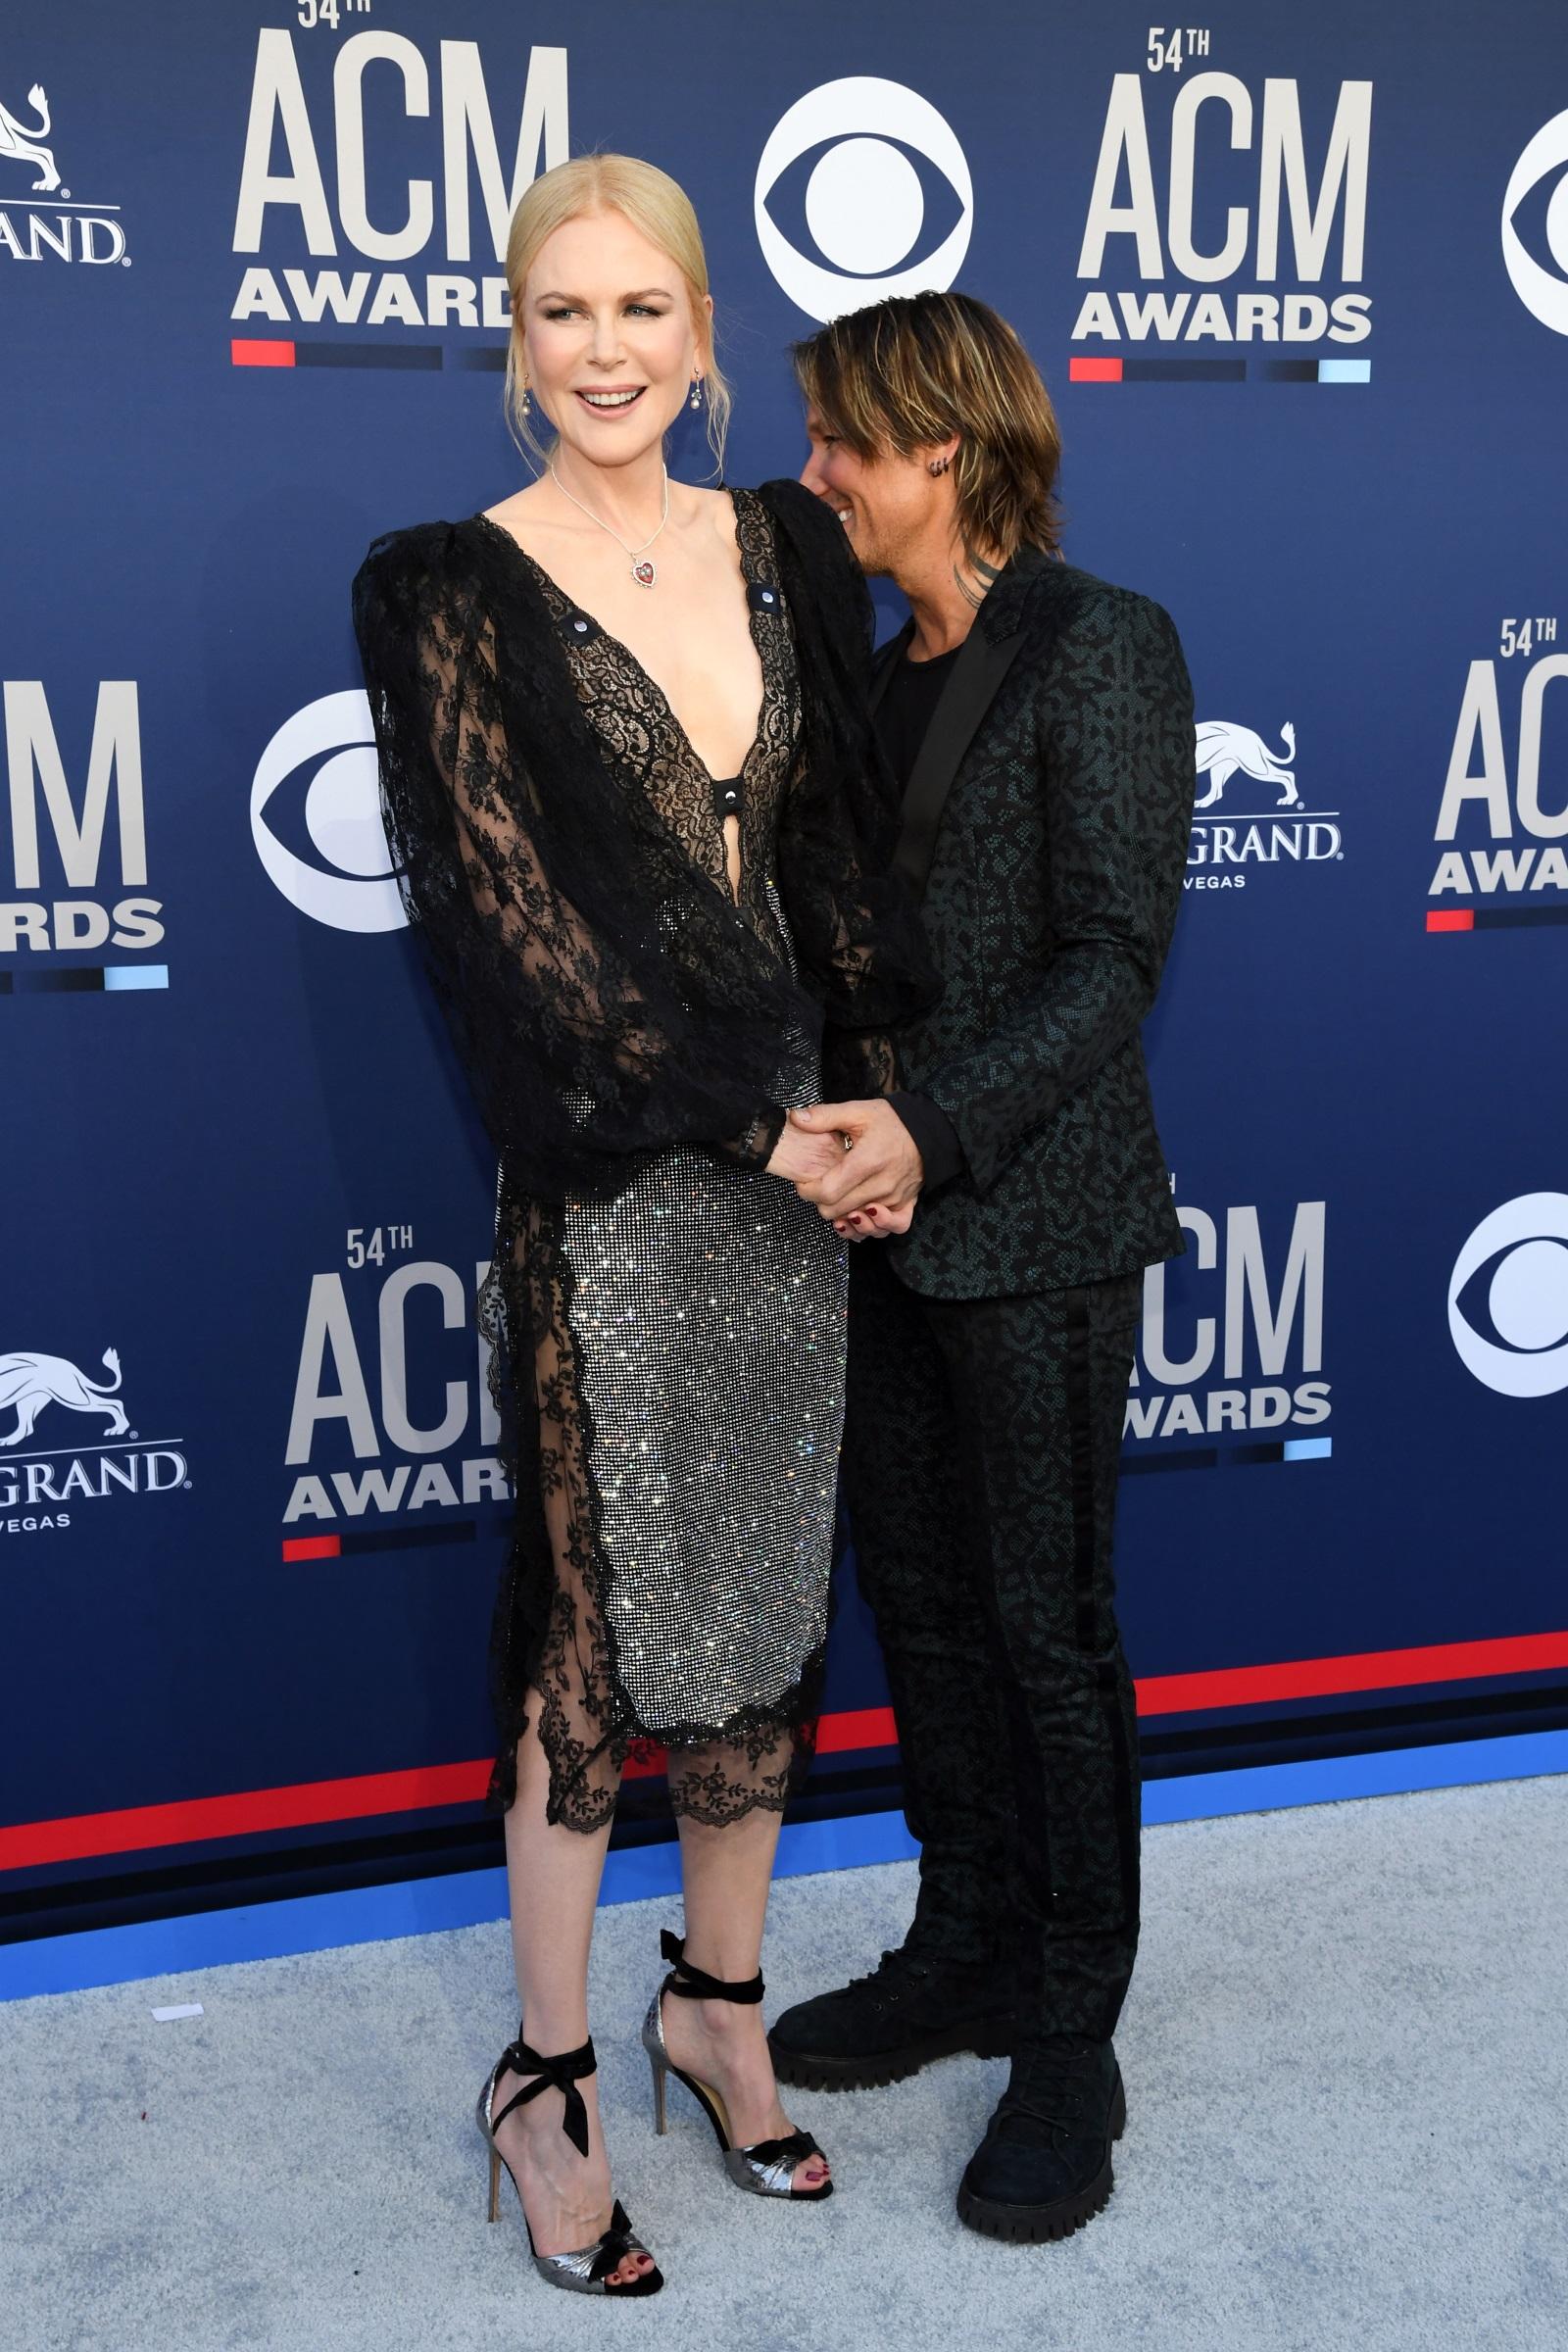 Никол Кидман и Кийт Ърбън<br /> Досега 180-сантиметровата актриса доказа, че не си пада по високи мъже, имайки предвид бившата ѝ половинка Том Круз и сегашния ѝ съпруг - музикантът Кийт Ърбън